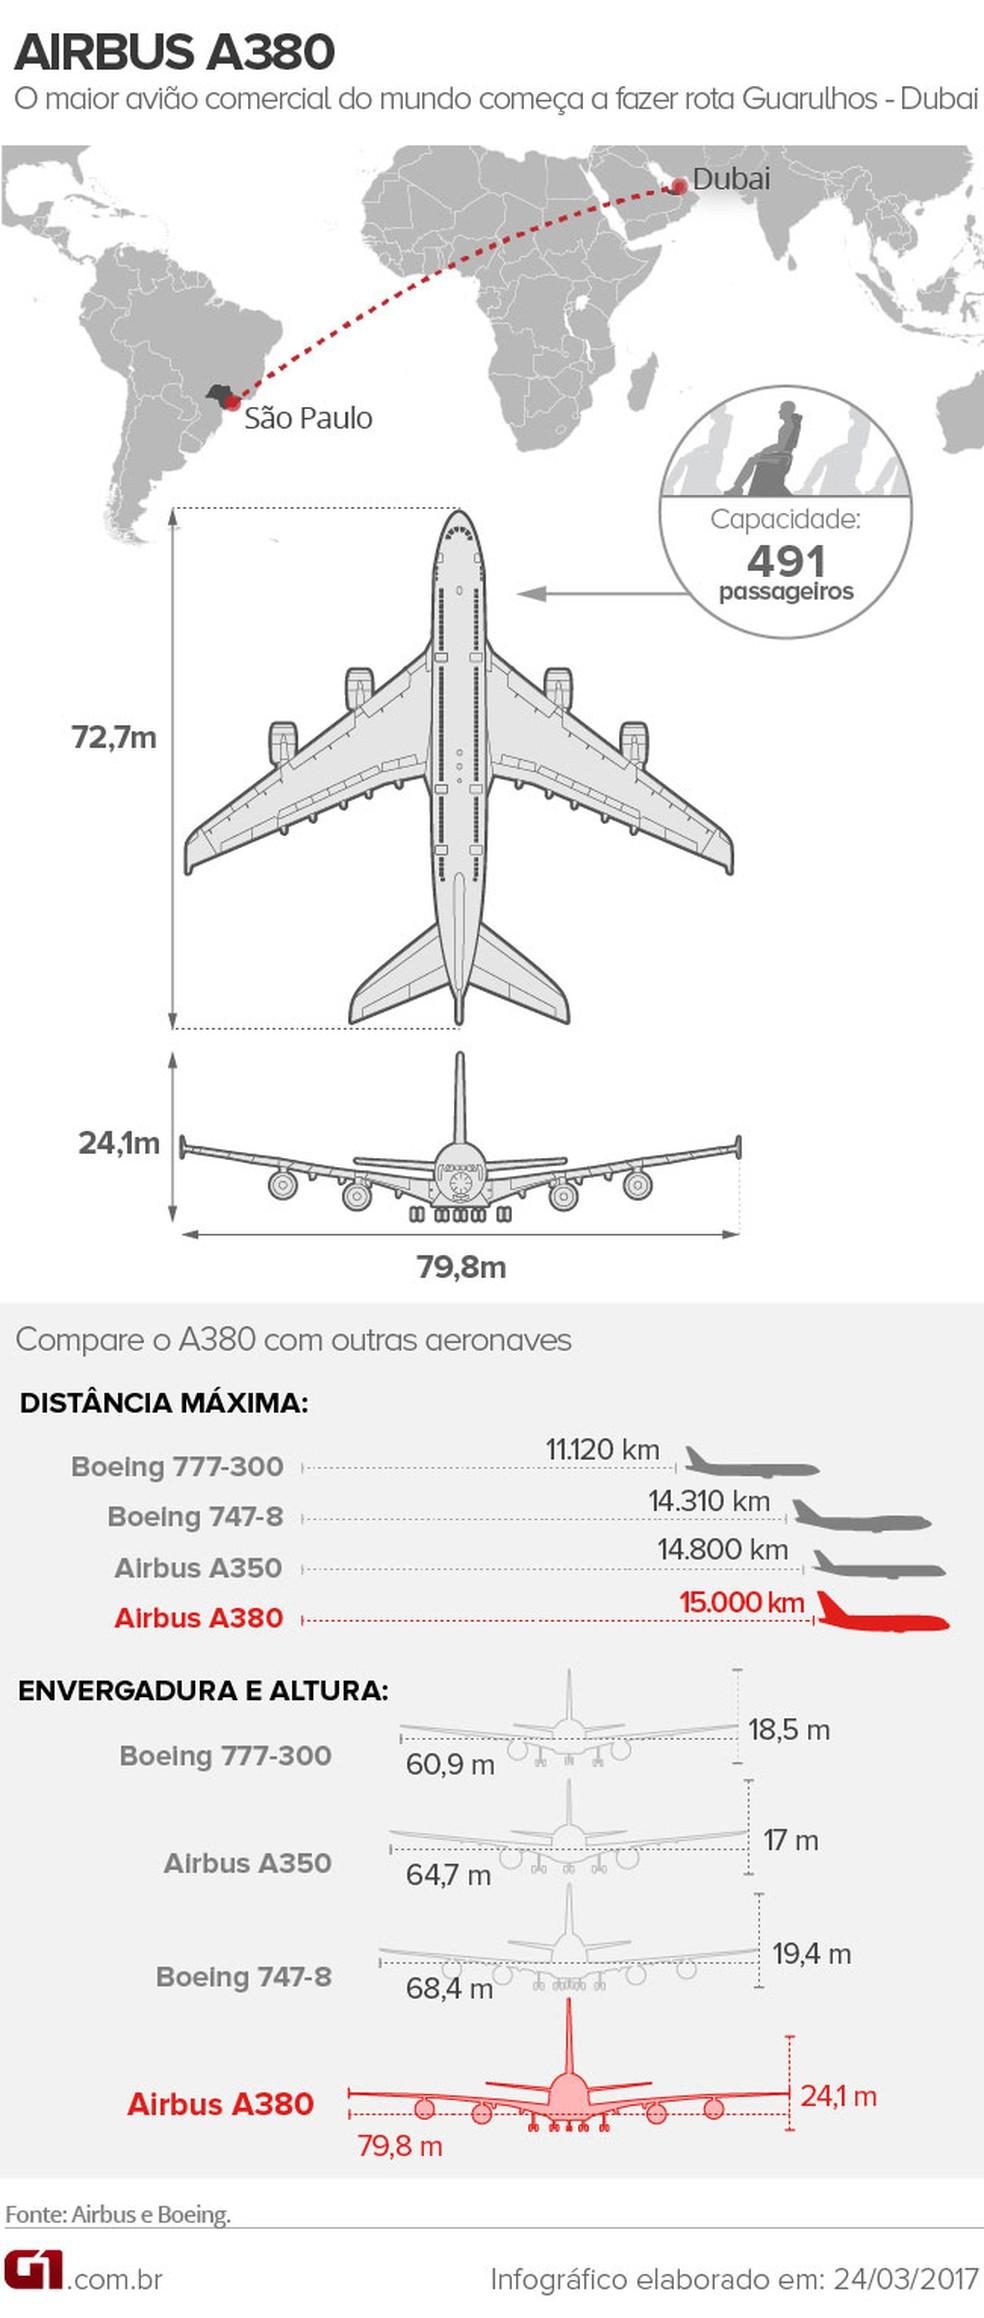 [Brasil] A380, maior avião comercial do mundo, aterrissa em Guarulhos e recebe 'batismo'; veja vídeo A380-sp-dubai